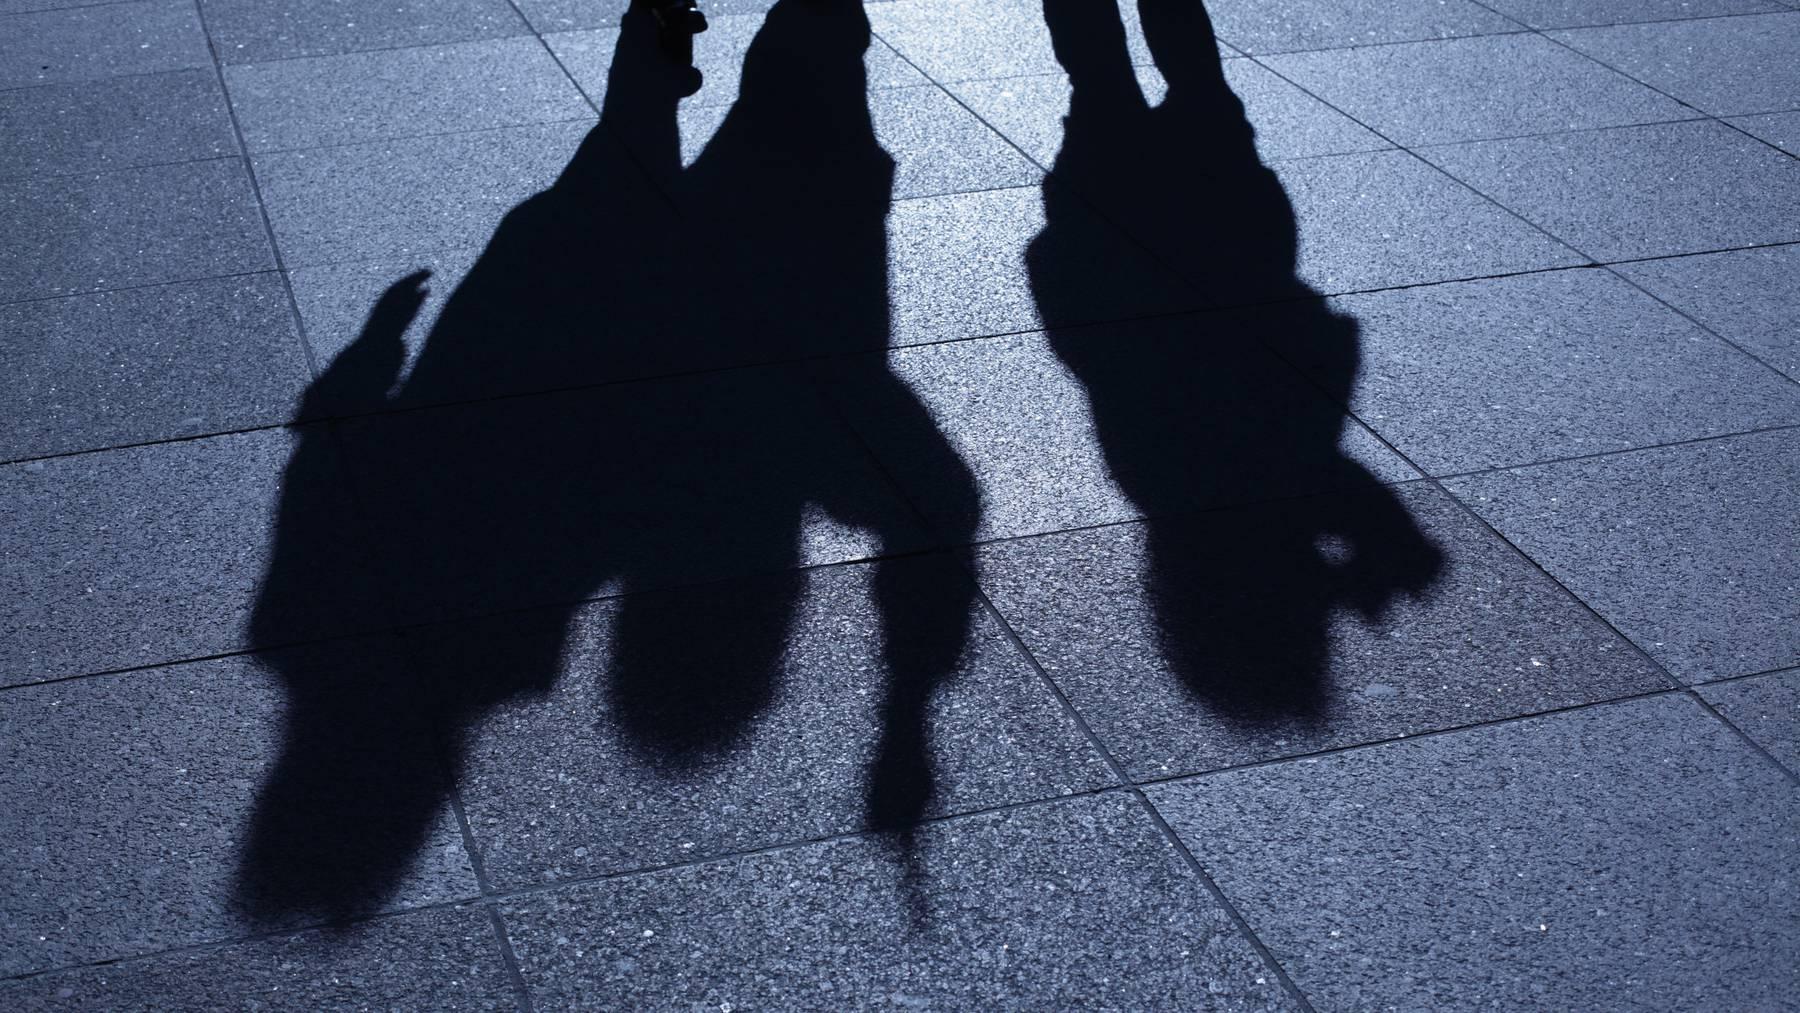 Schlägerei Überfall Nacht Schatten